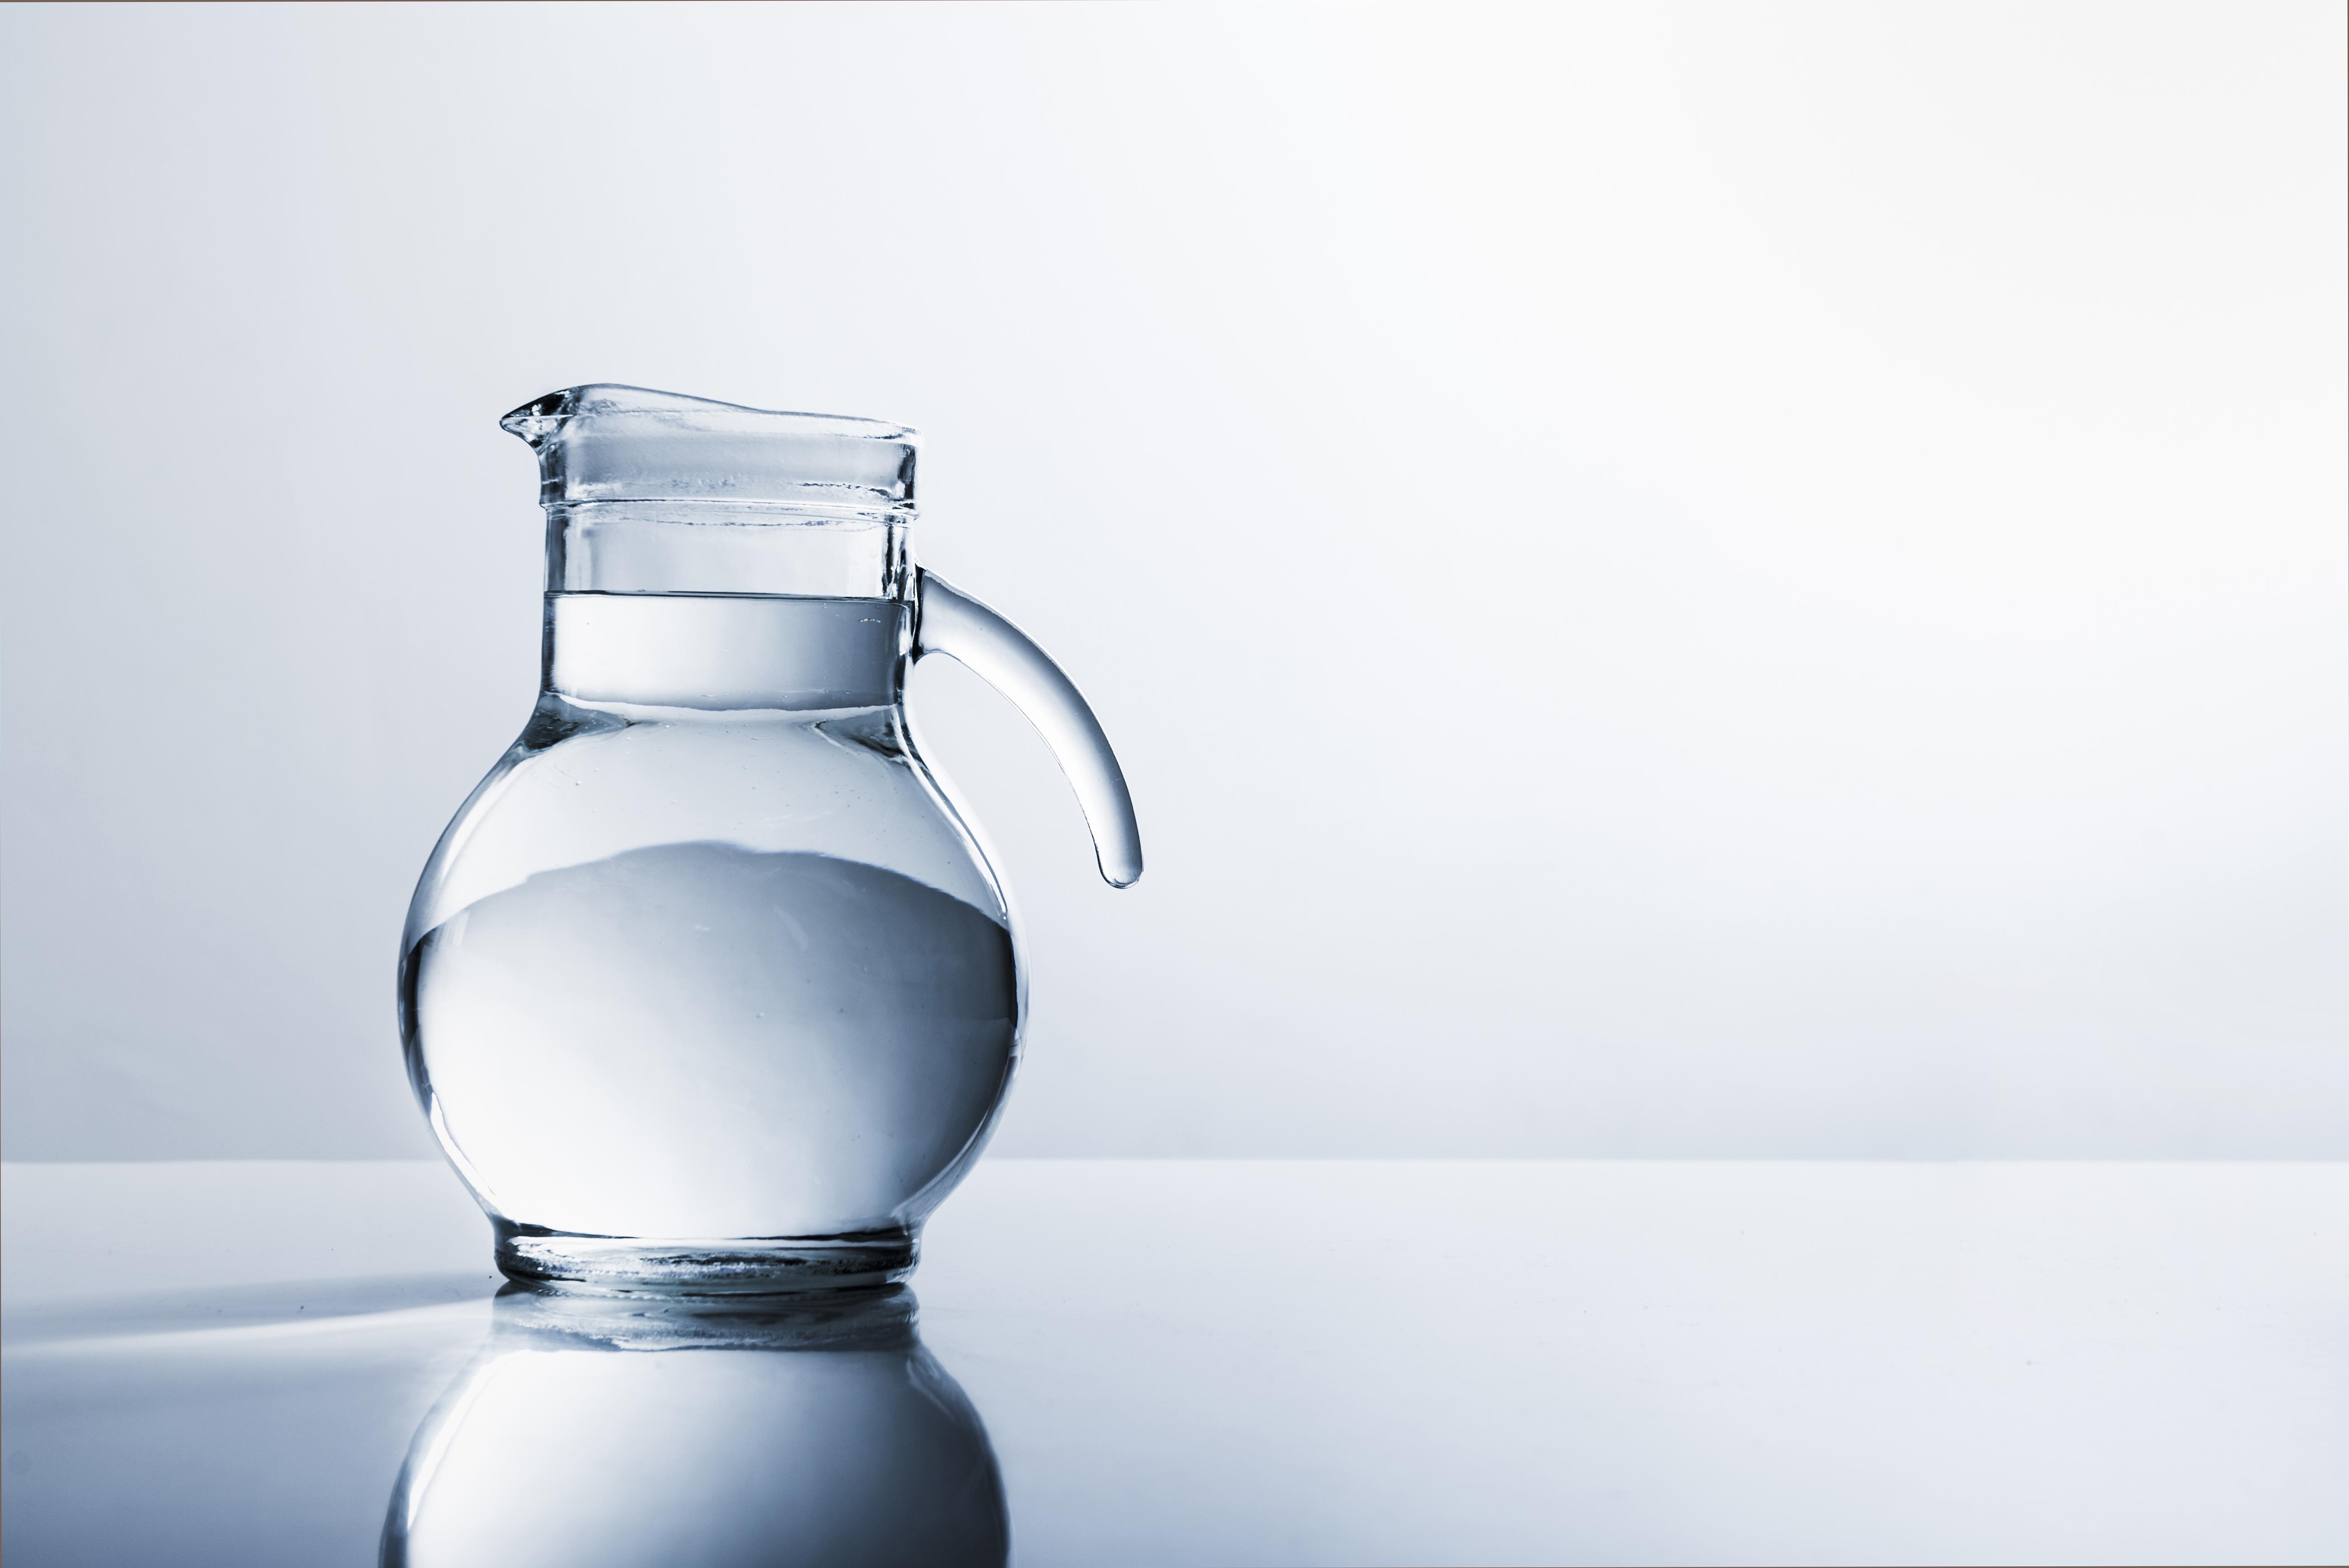 Acqua alcalinizzata: è utile? Come ottenerla?